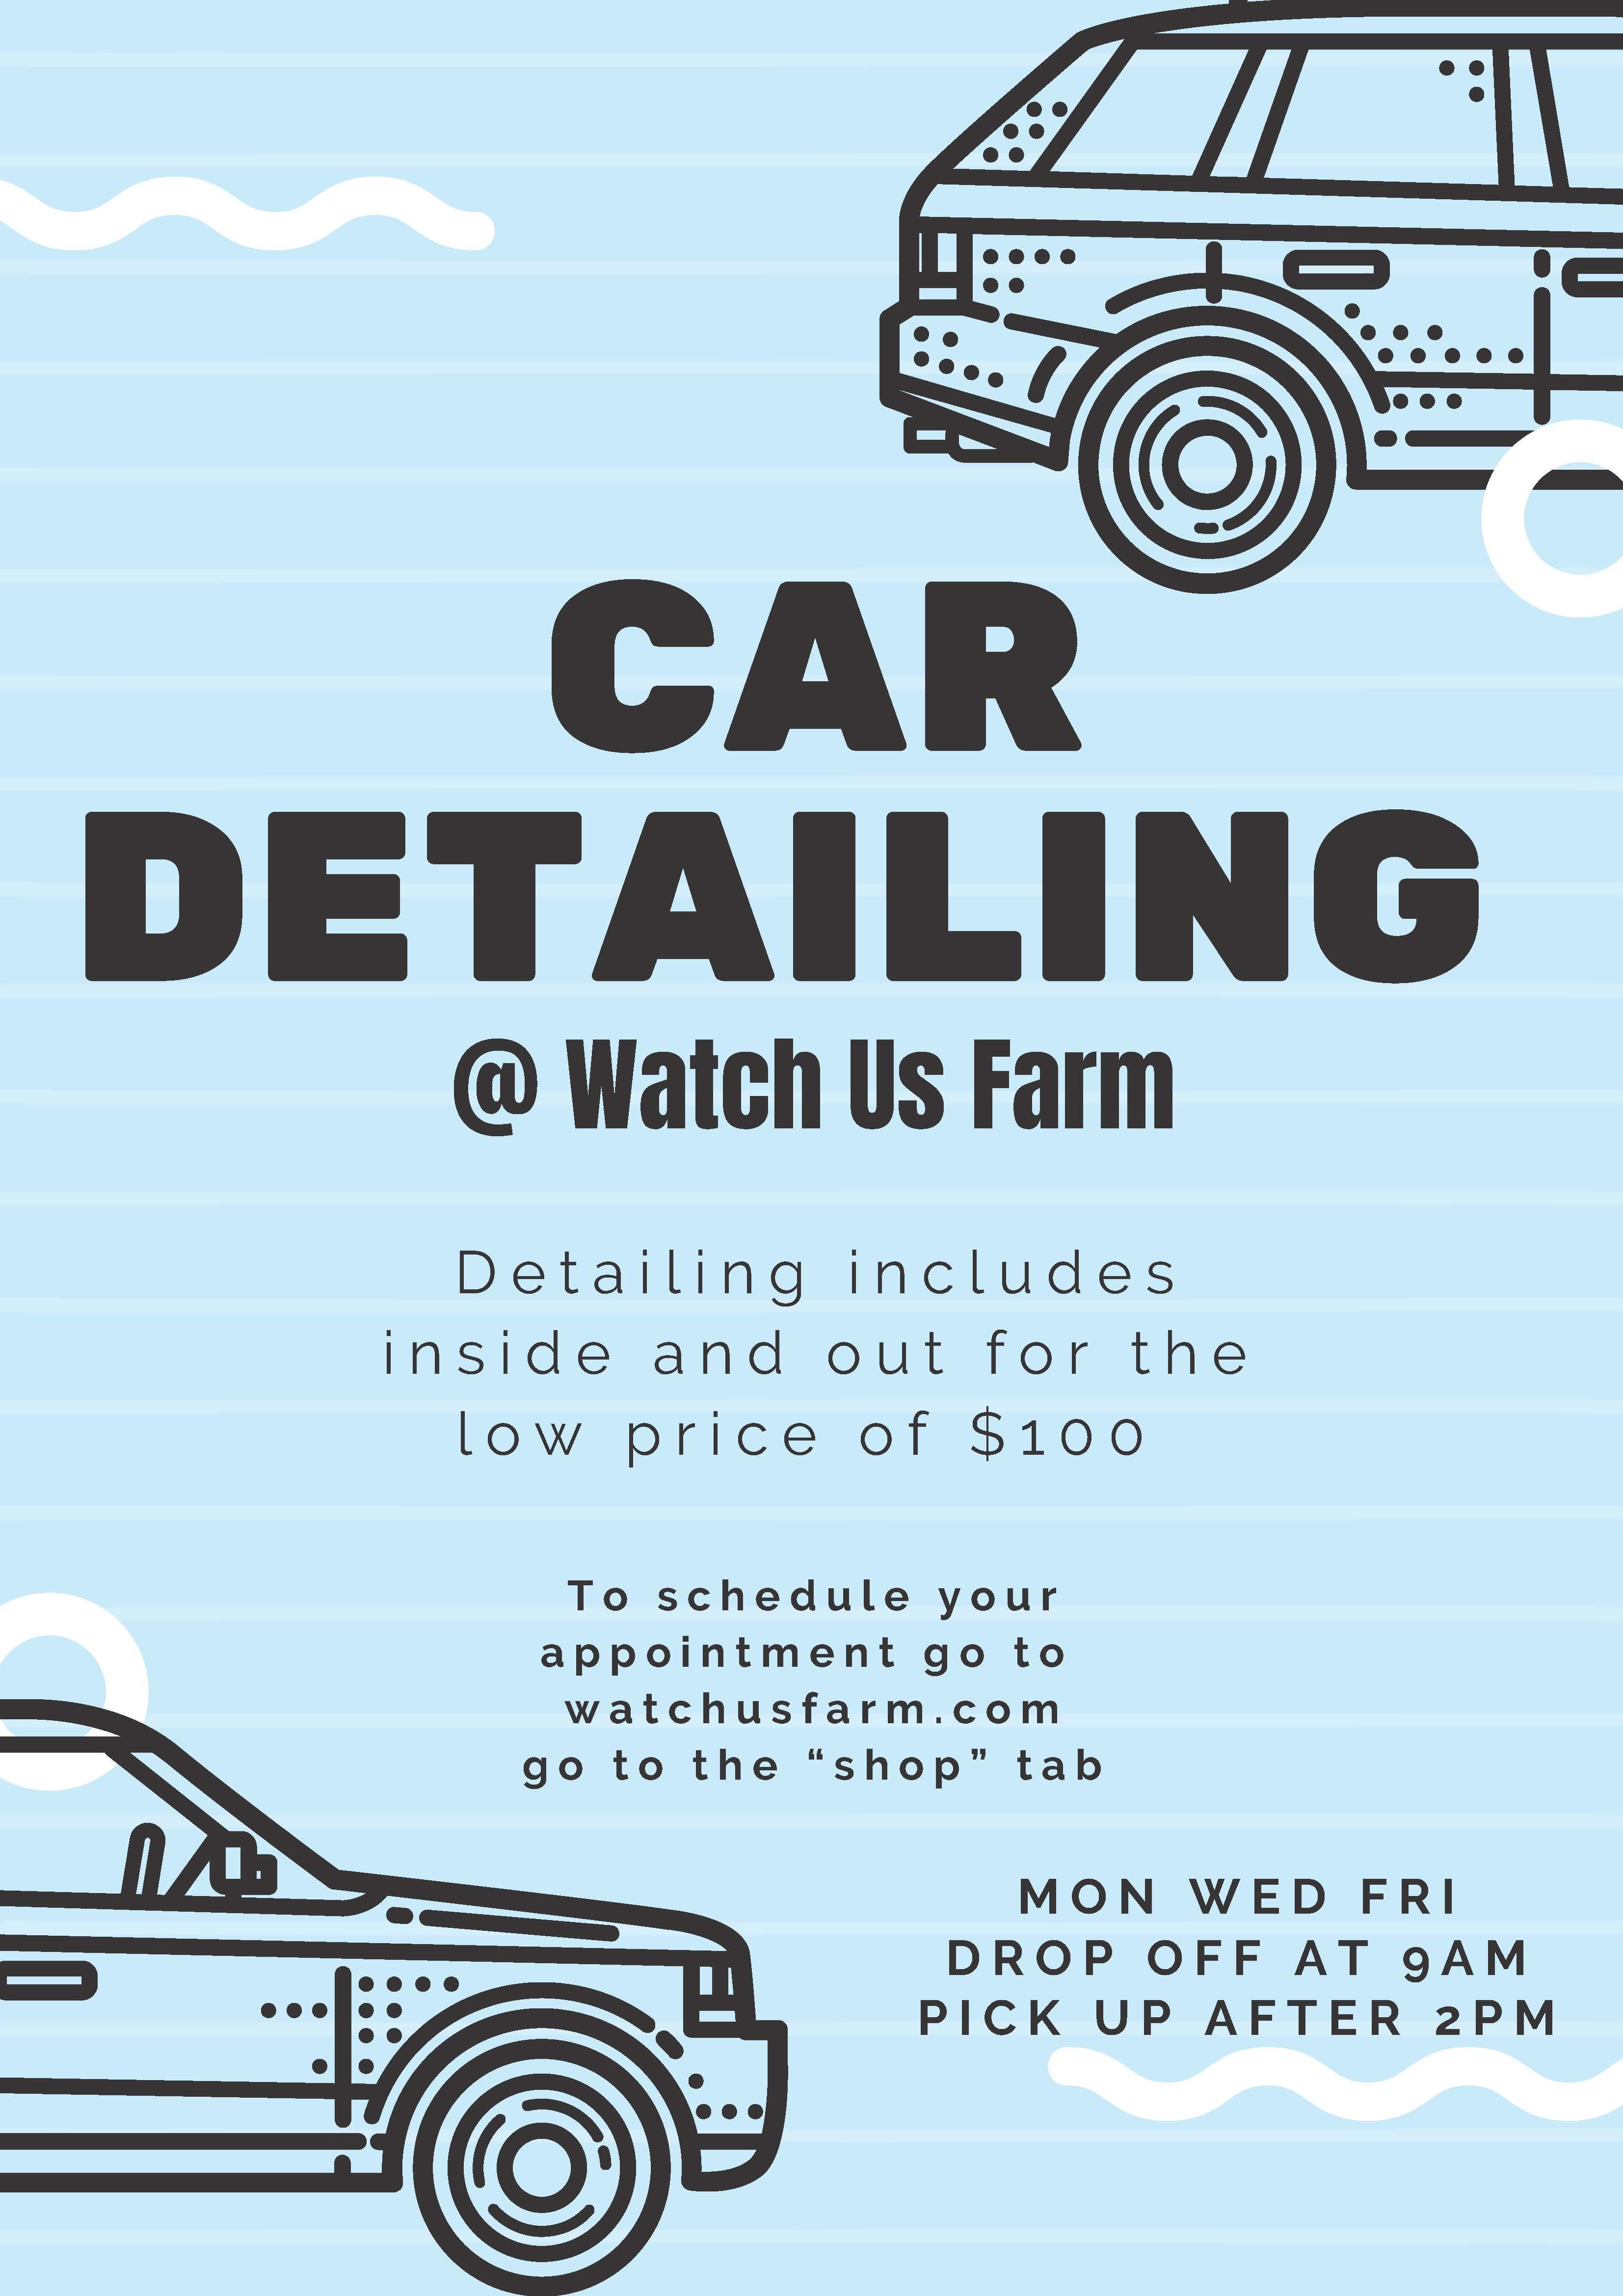 Watch Us Farm